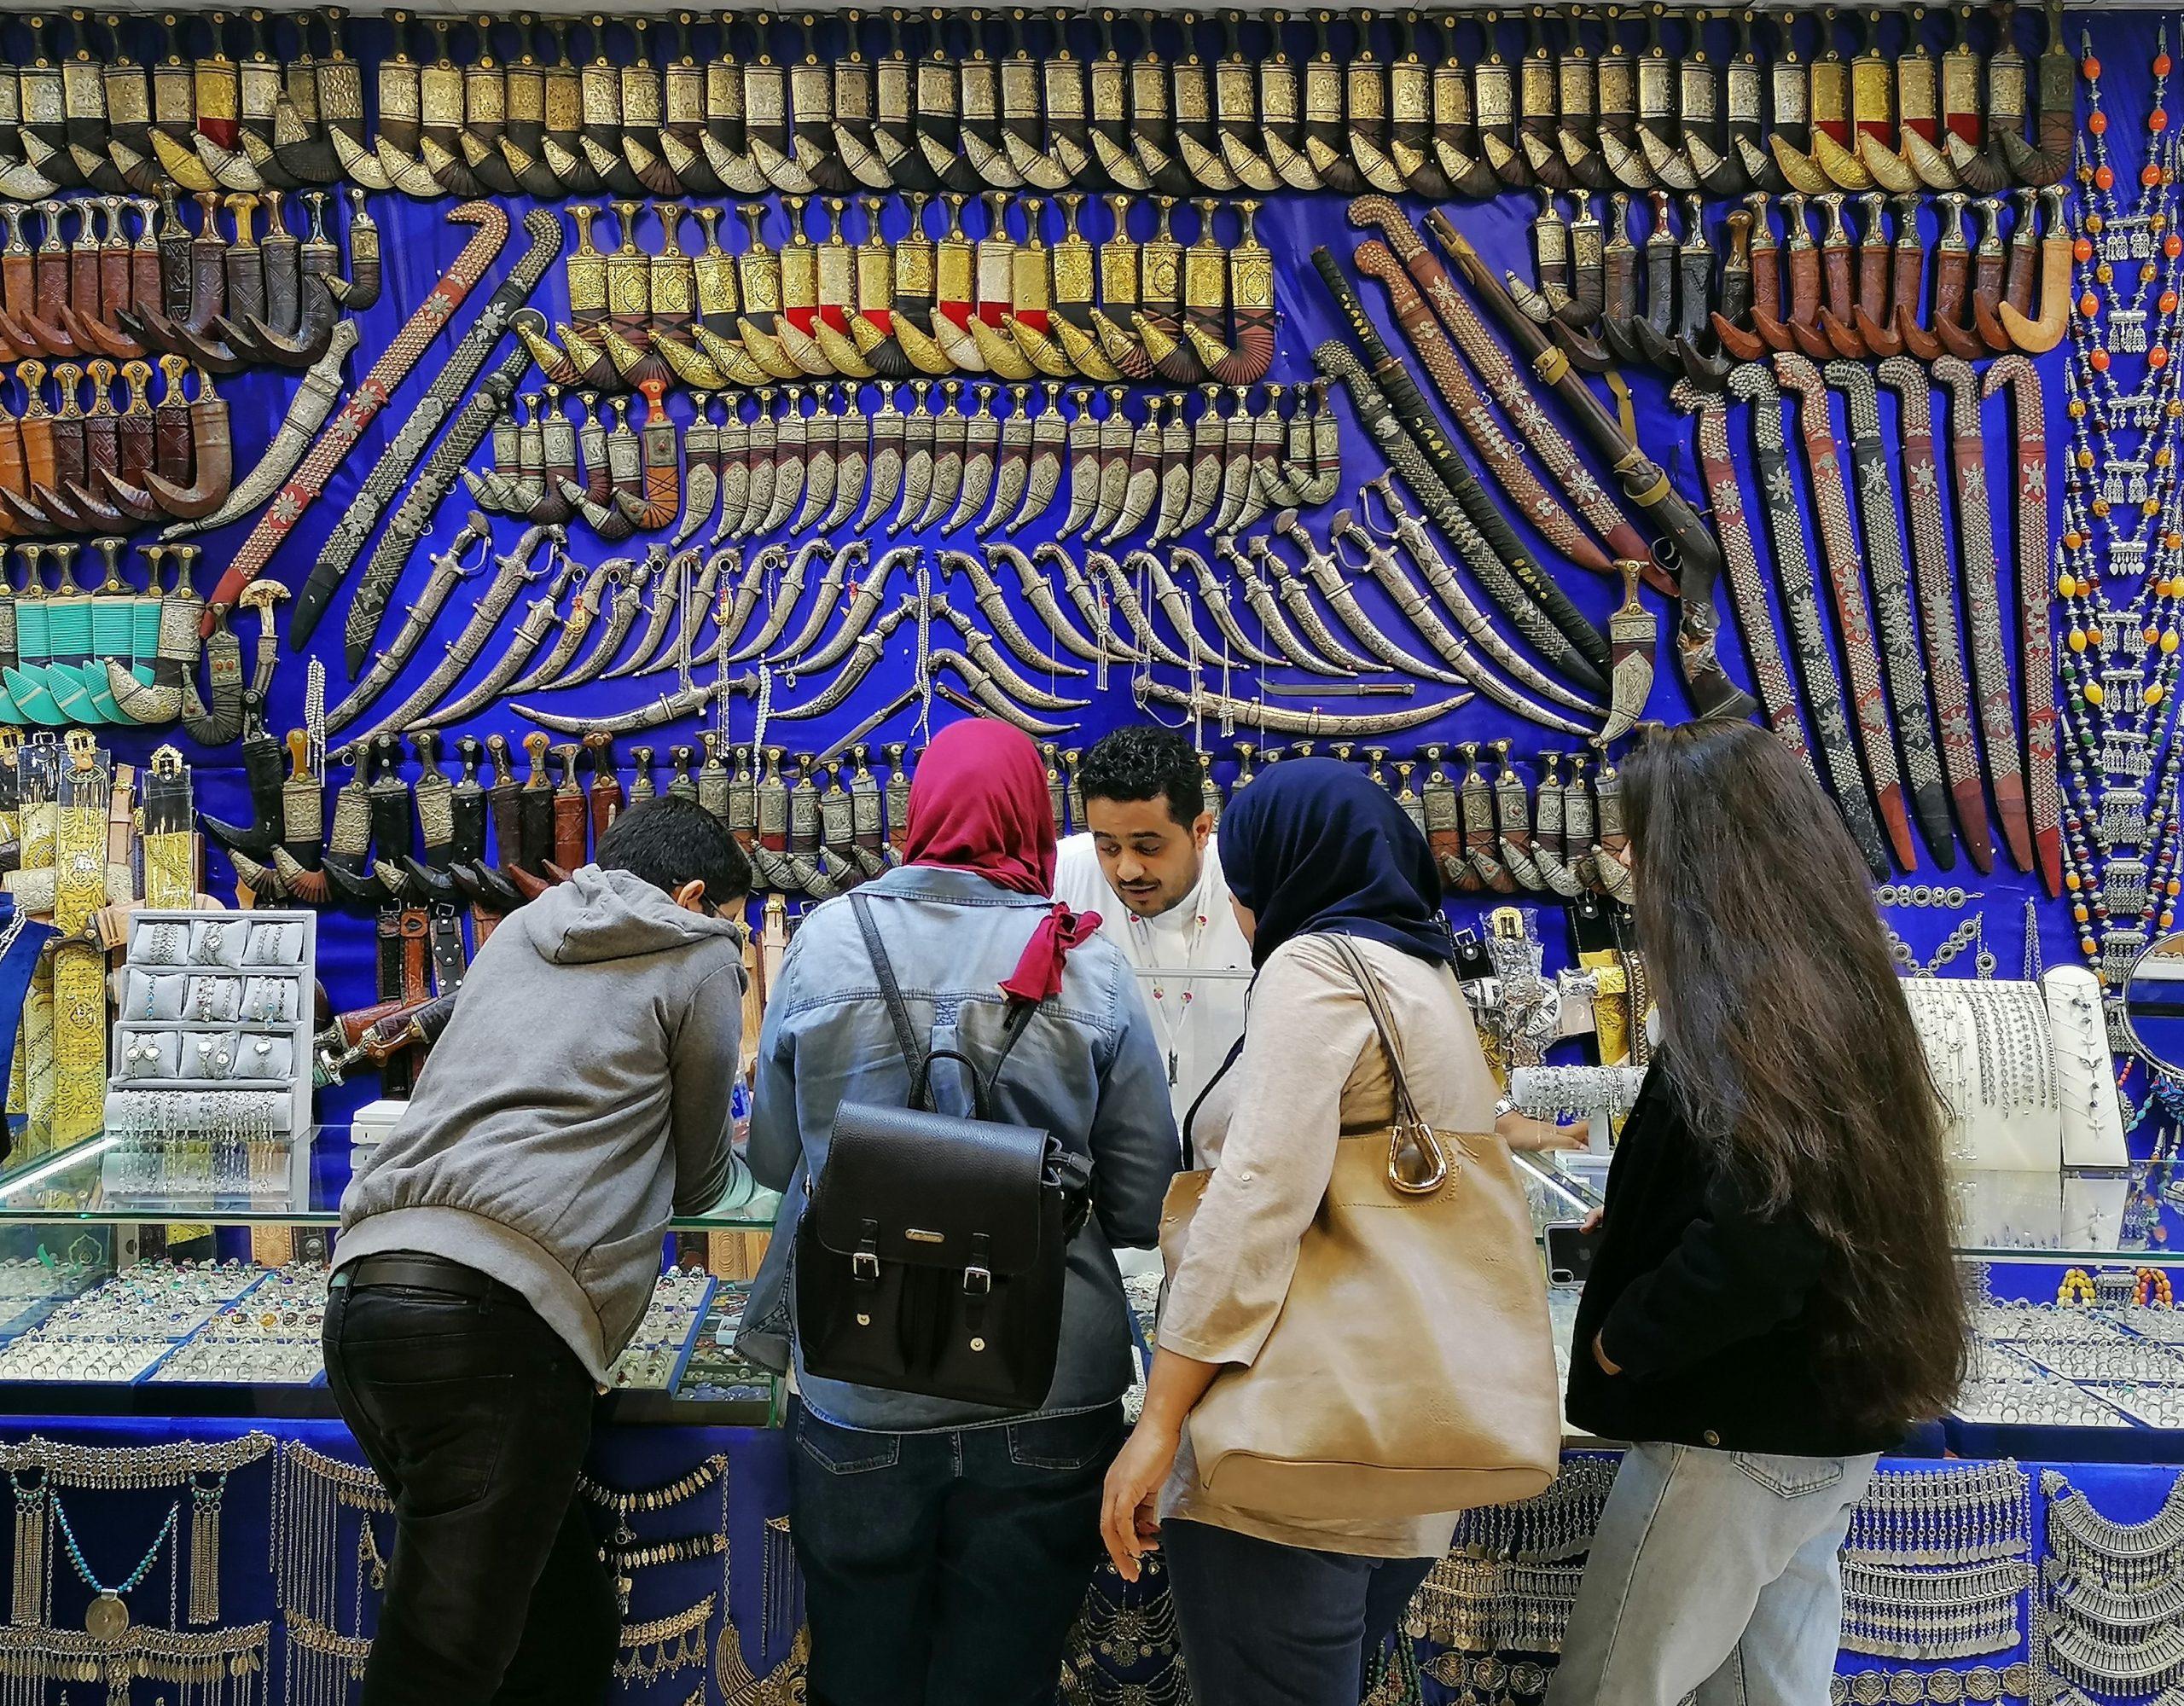 Arab Sword Store